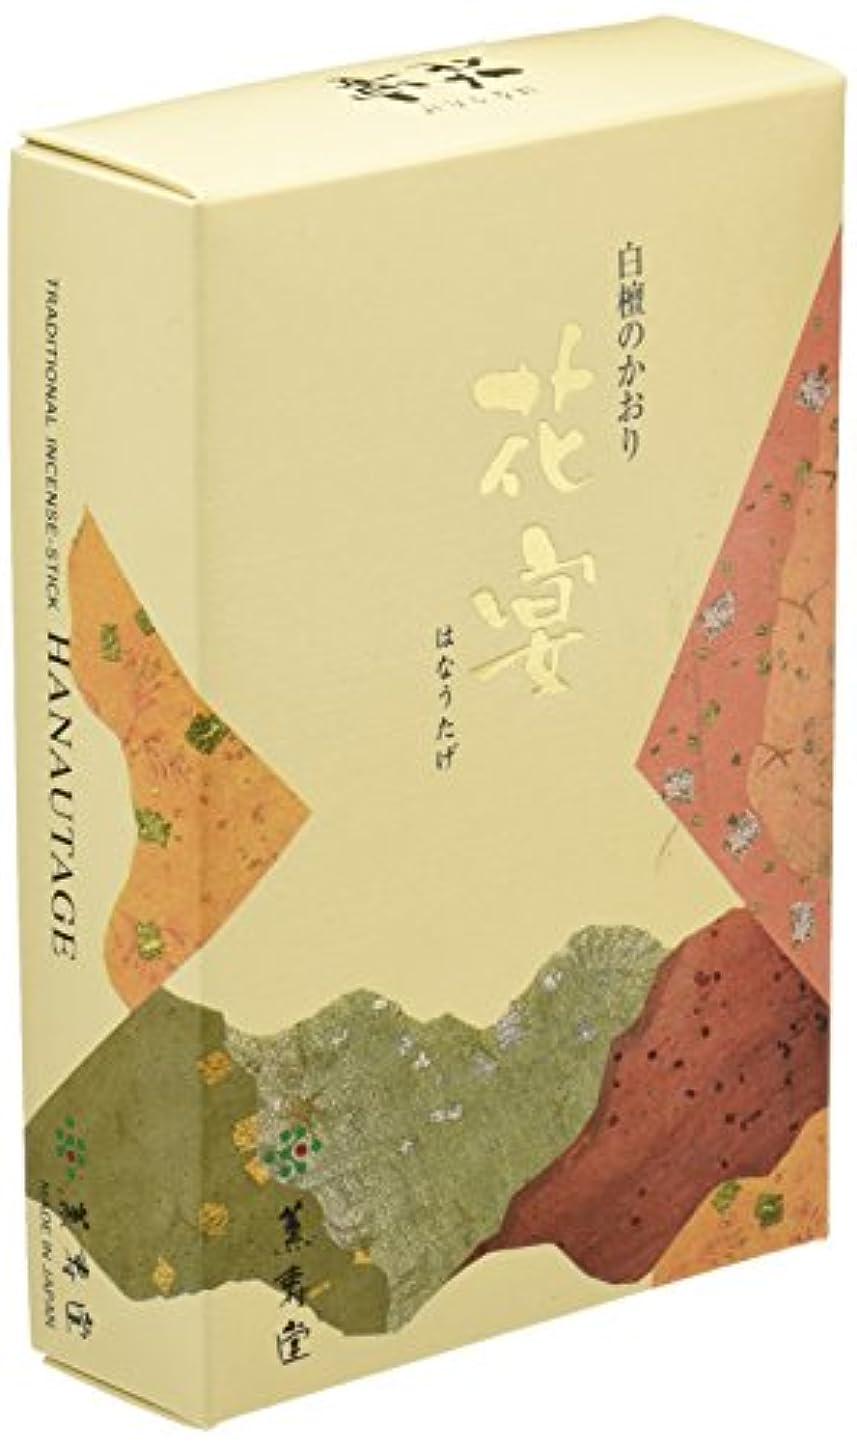 分布満州貞花宴 大 バラ 150G